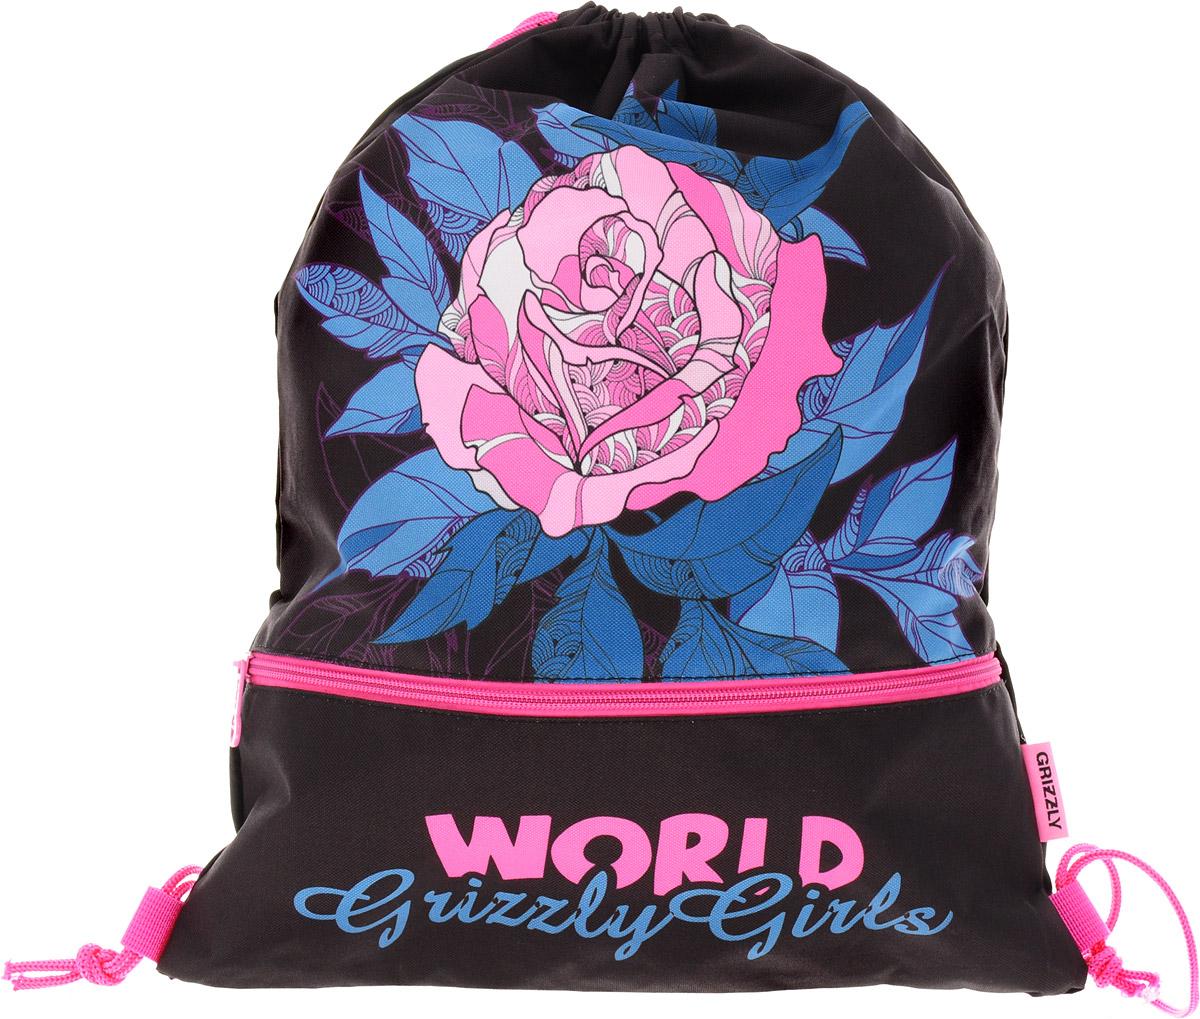 Grizzly Мешок для сменной обуви World Grizzly Girls цвет черный розовыйOM-791-3/3Мешок для обуви Grizzly World Grizzly Girls идеально подойдет как для хранения, так и для переноски сменной обуви и одежды.Мешок выполнен из прочного материала и содержит одно вместительное отделение, затягивающееся с помощью текстильных шнурков, и боковой карман на молнии. Шнурки фиксируются в нижней части сумки, благодаря чему ее можно носить за спиной как рюкзак.